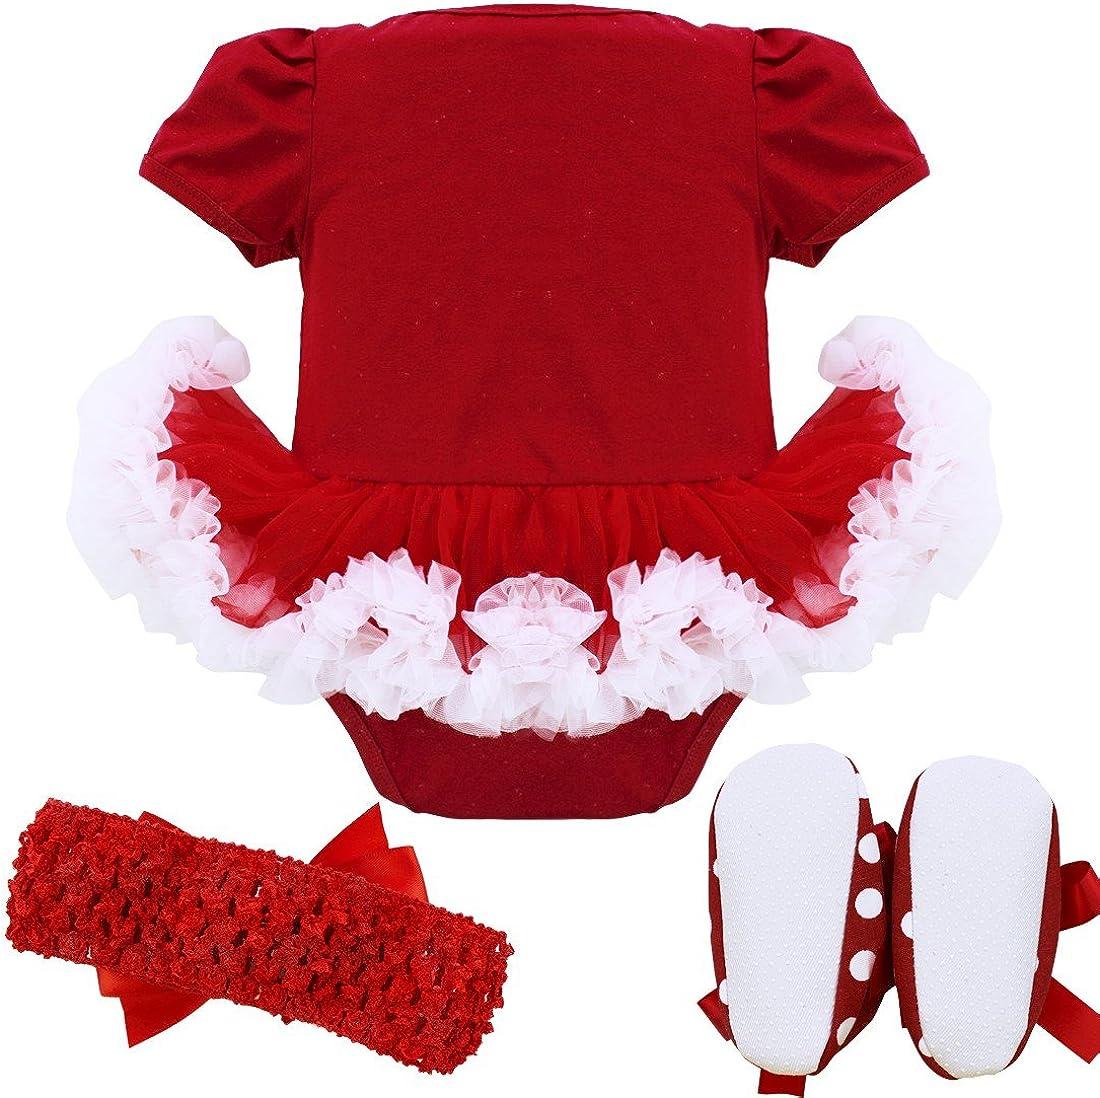 Zaldita Ensemble V/êtement de No/ël B/éb/é Fille Barboteuse Robe de No/ël Tutu Robe Manche Courte D/éguisement de P/ère No/ël Body Combinaison /à Pois avec Bandeau Chaussures Rouge 6-9 Mois